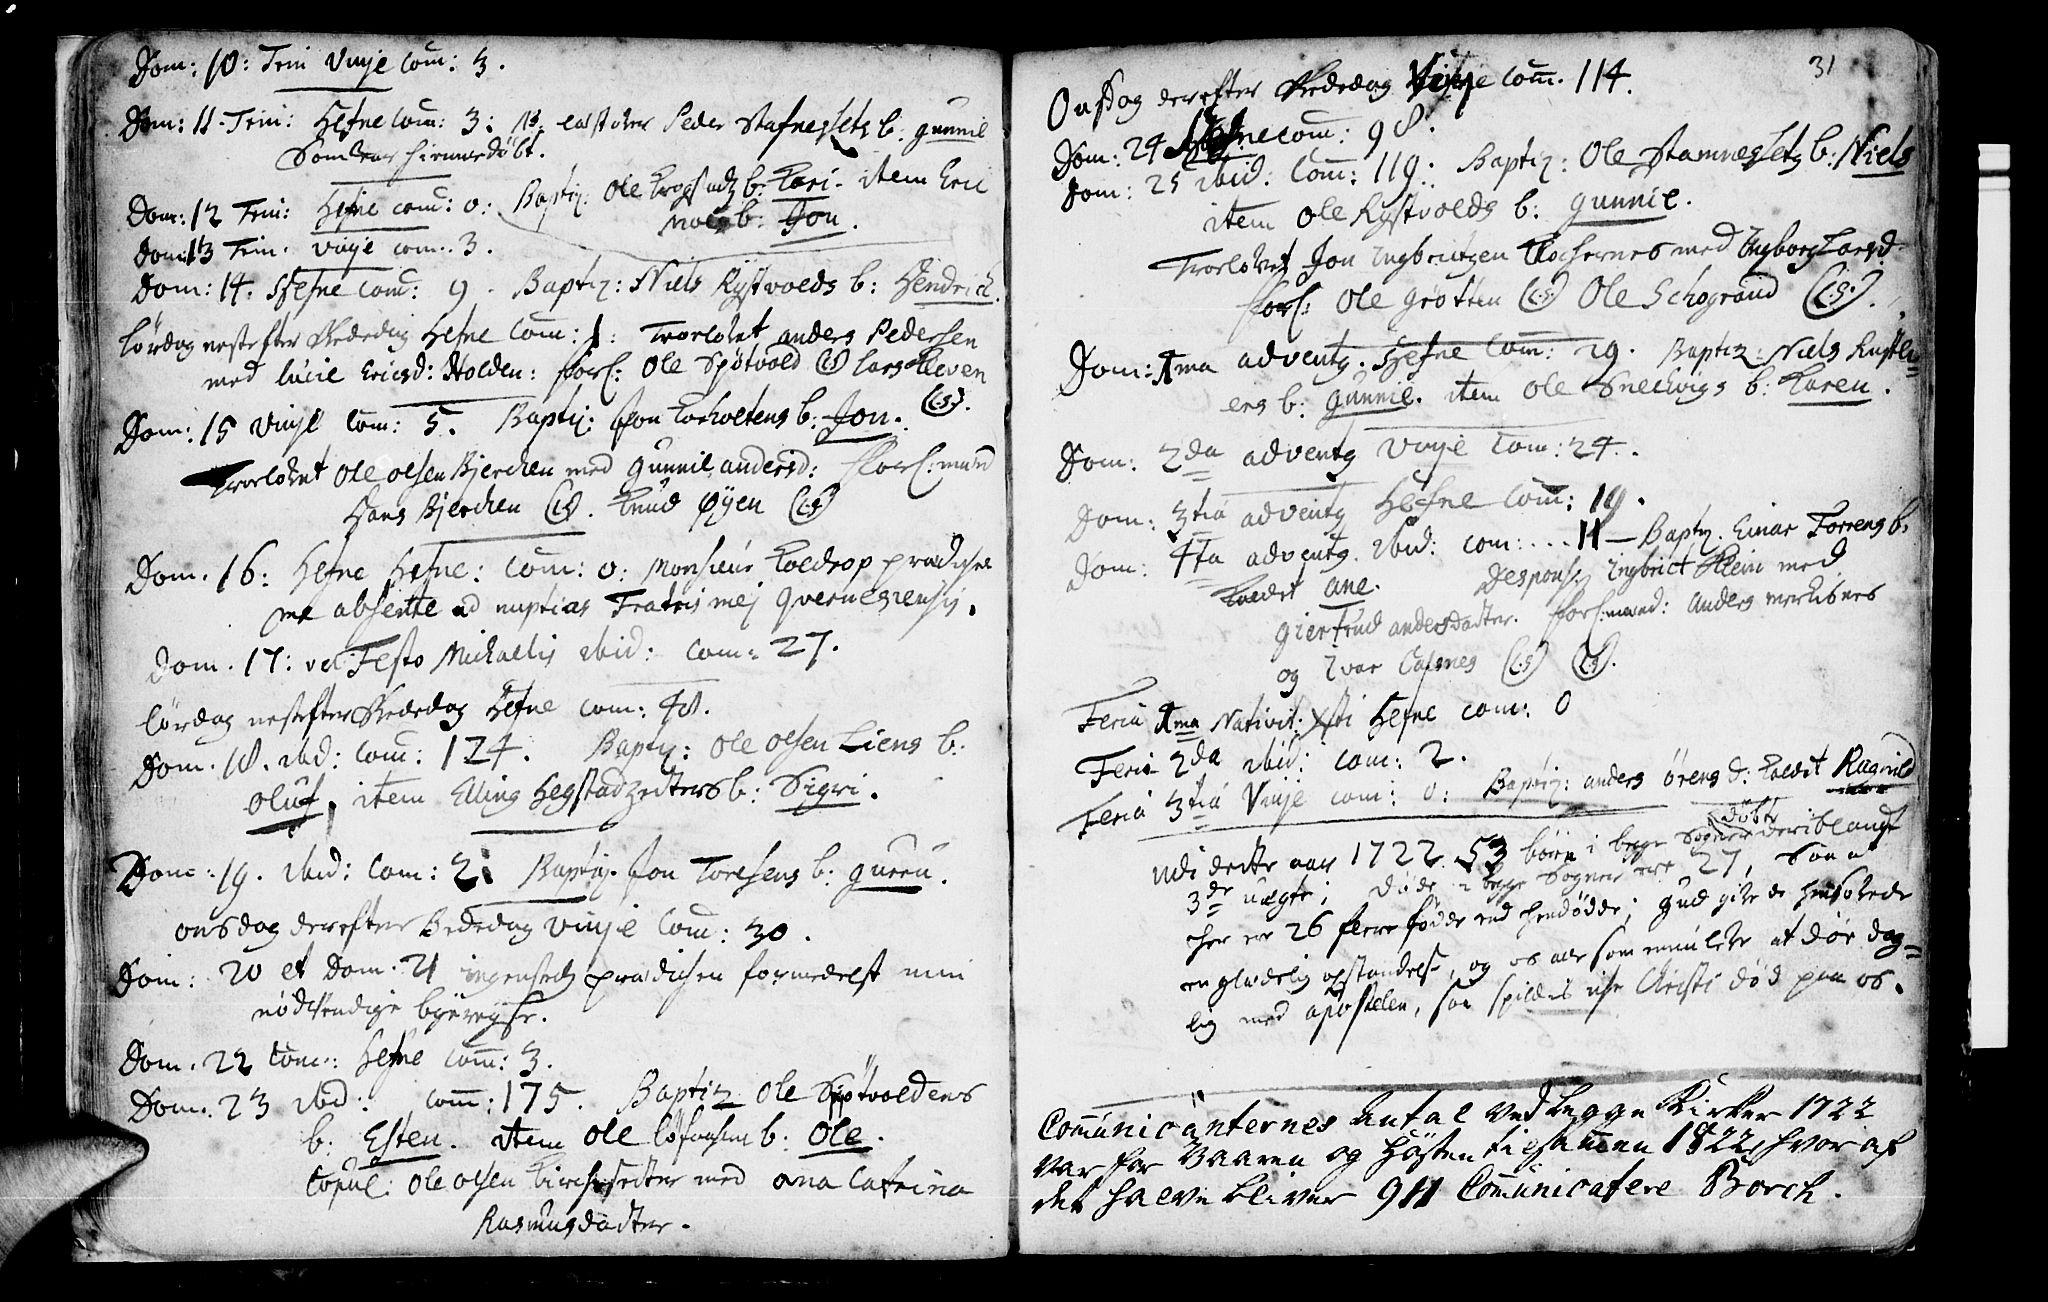 SAT, Ministerialprotokoller, klokkerbøker og fødselsregistre - Sør-Trøndelag, 630/L0488: Ministerialbok nr. 630A01, 1717-1756, s. 30-31